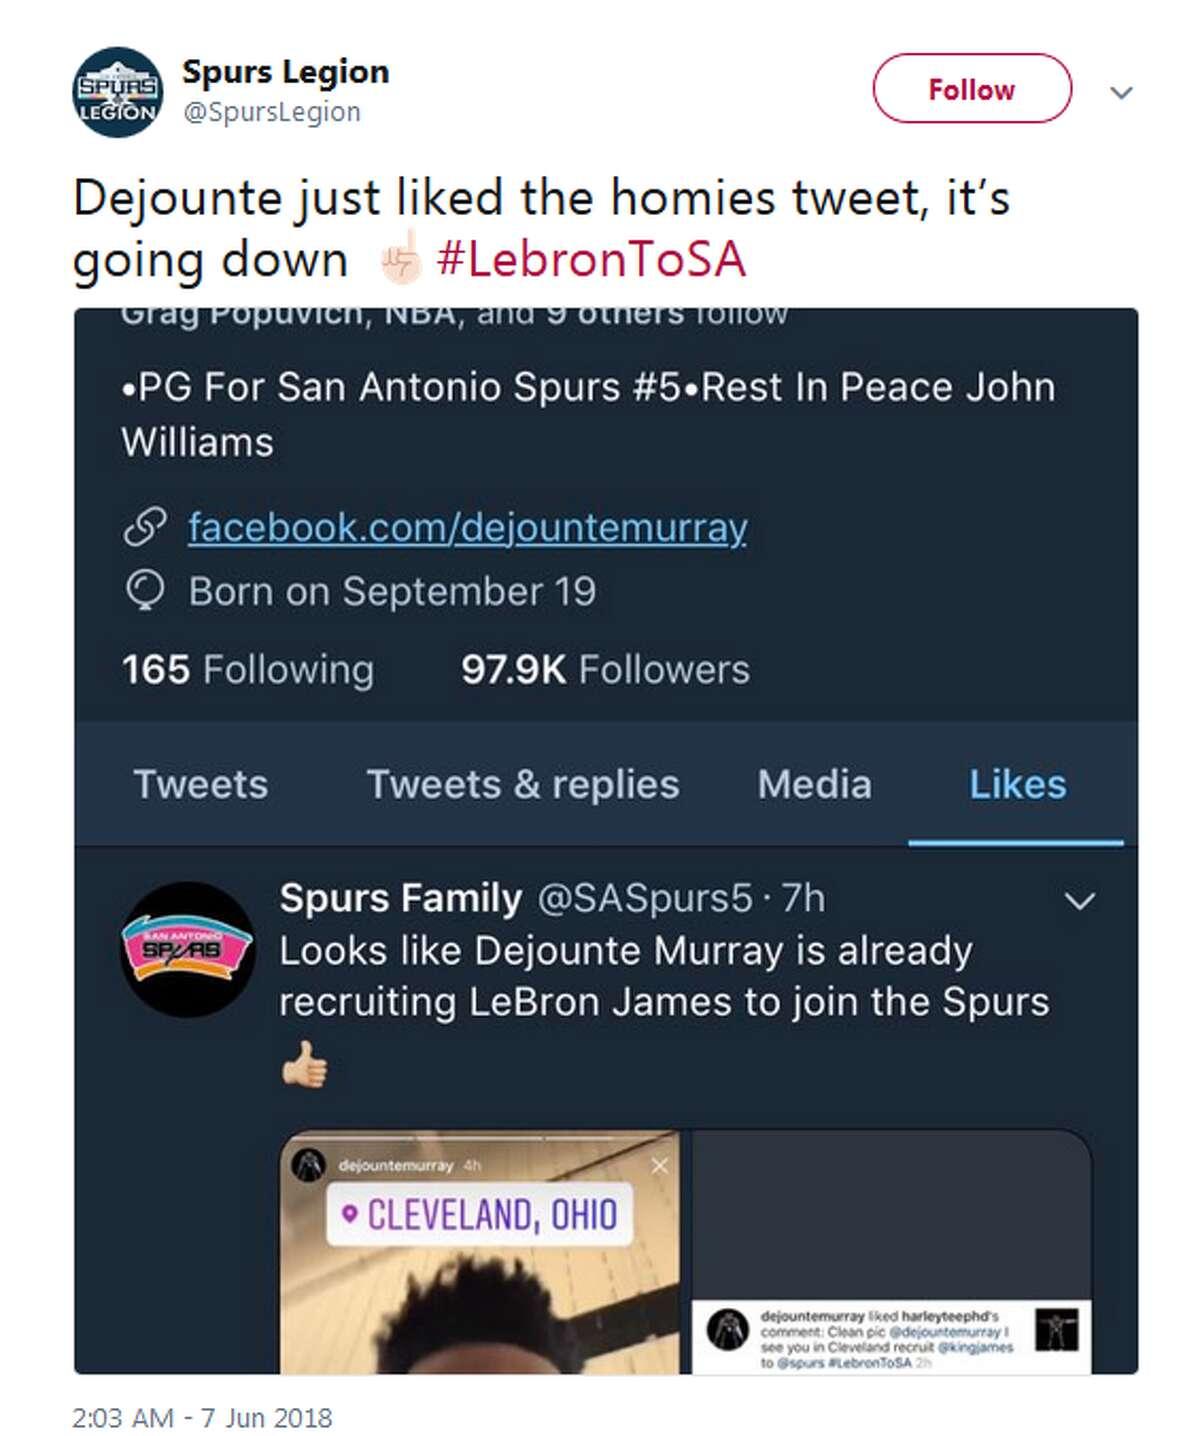 @SpursLegion: Dejounte just liked the homies tweet, it's going down ☝